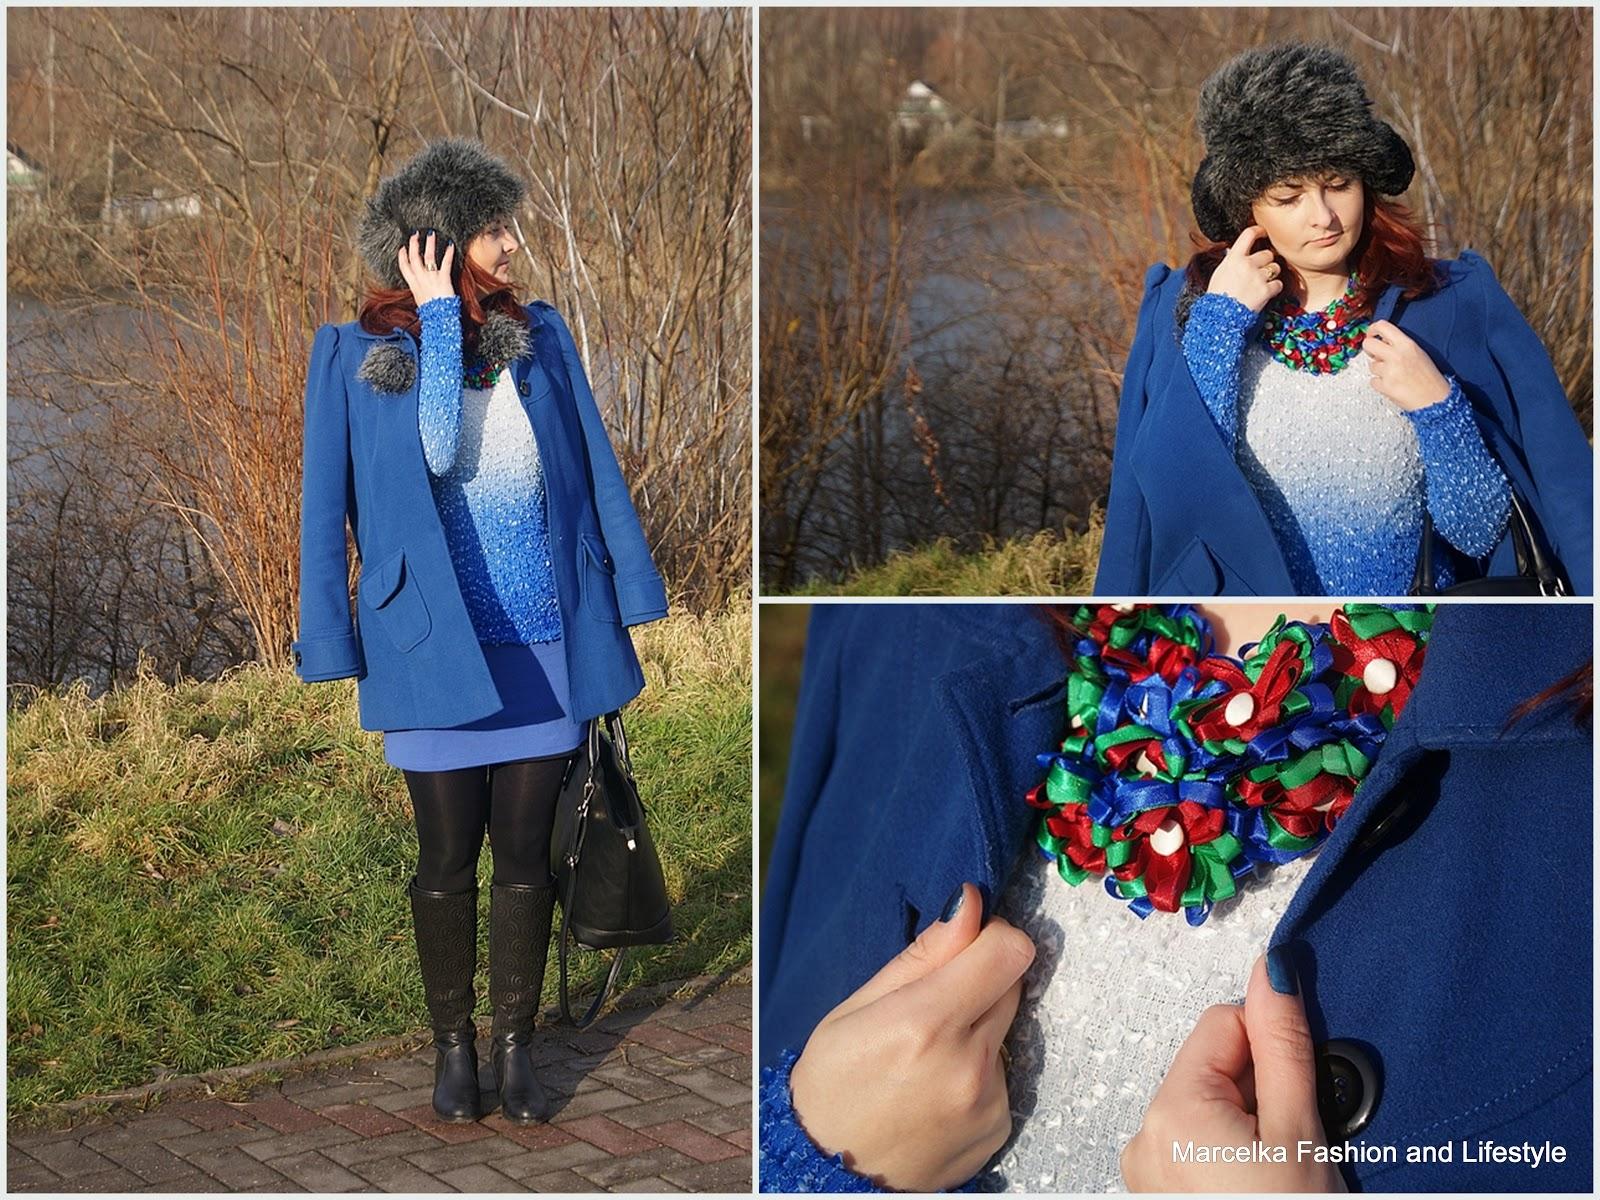 http://marcelka-fashion.blogspot.com/2014/01/z-futrzakiem-na-gowie.html